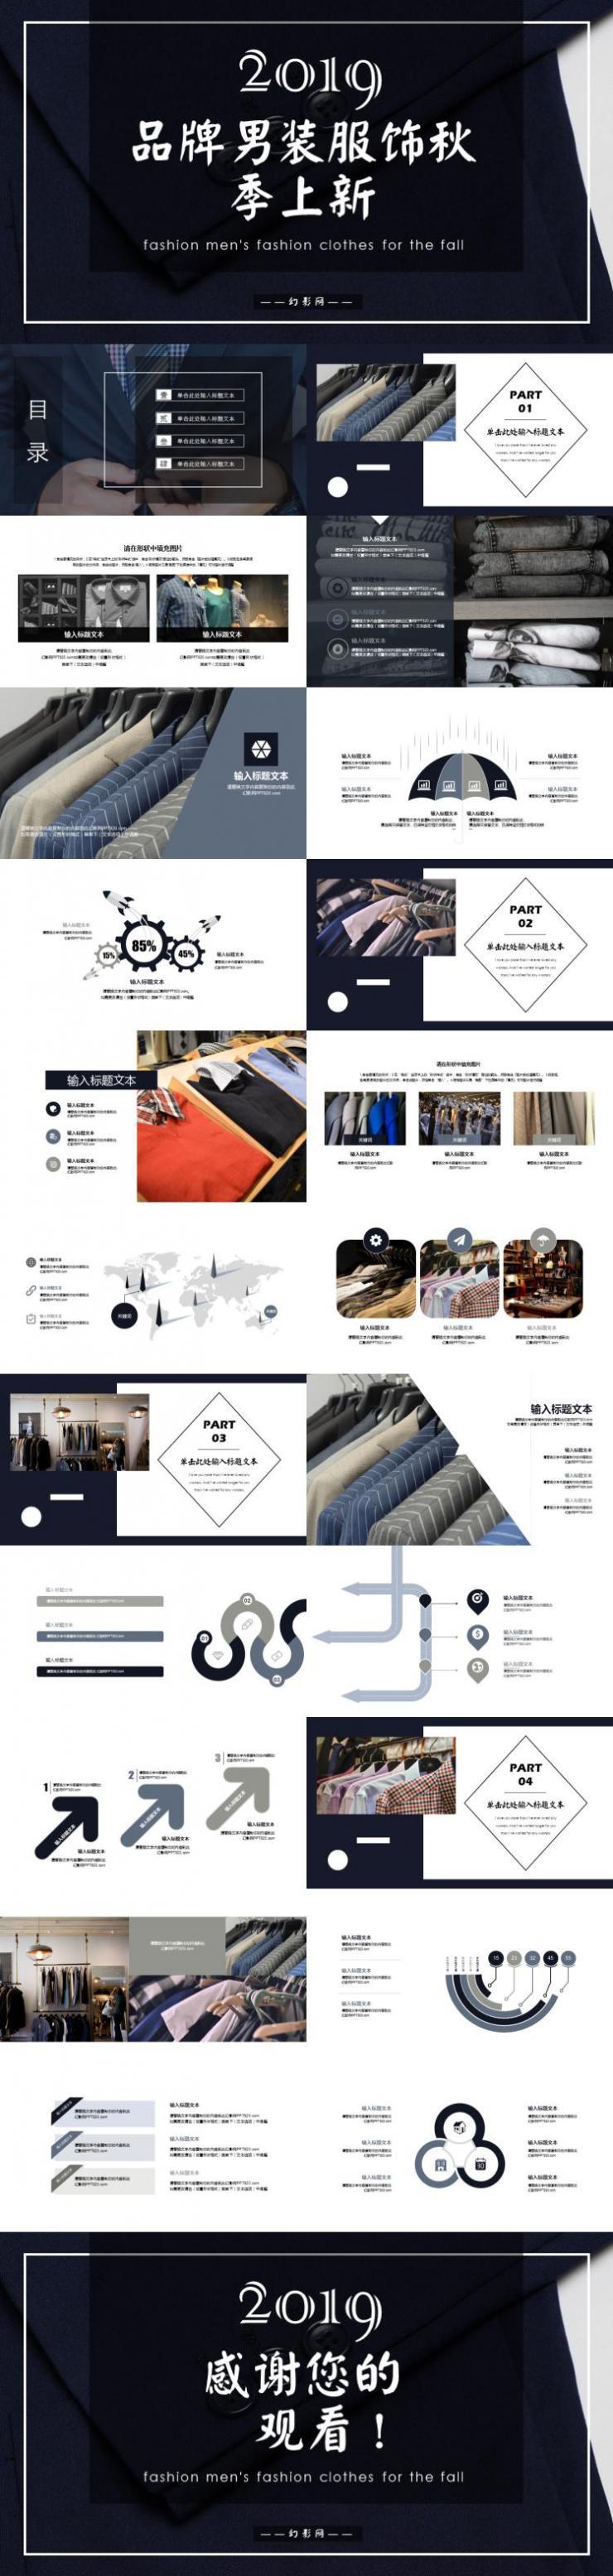 2019年杂志风品牌服装专卖店新品展示PPT模版